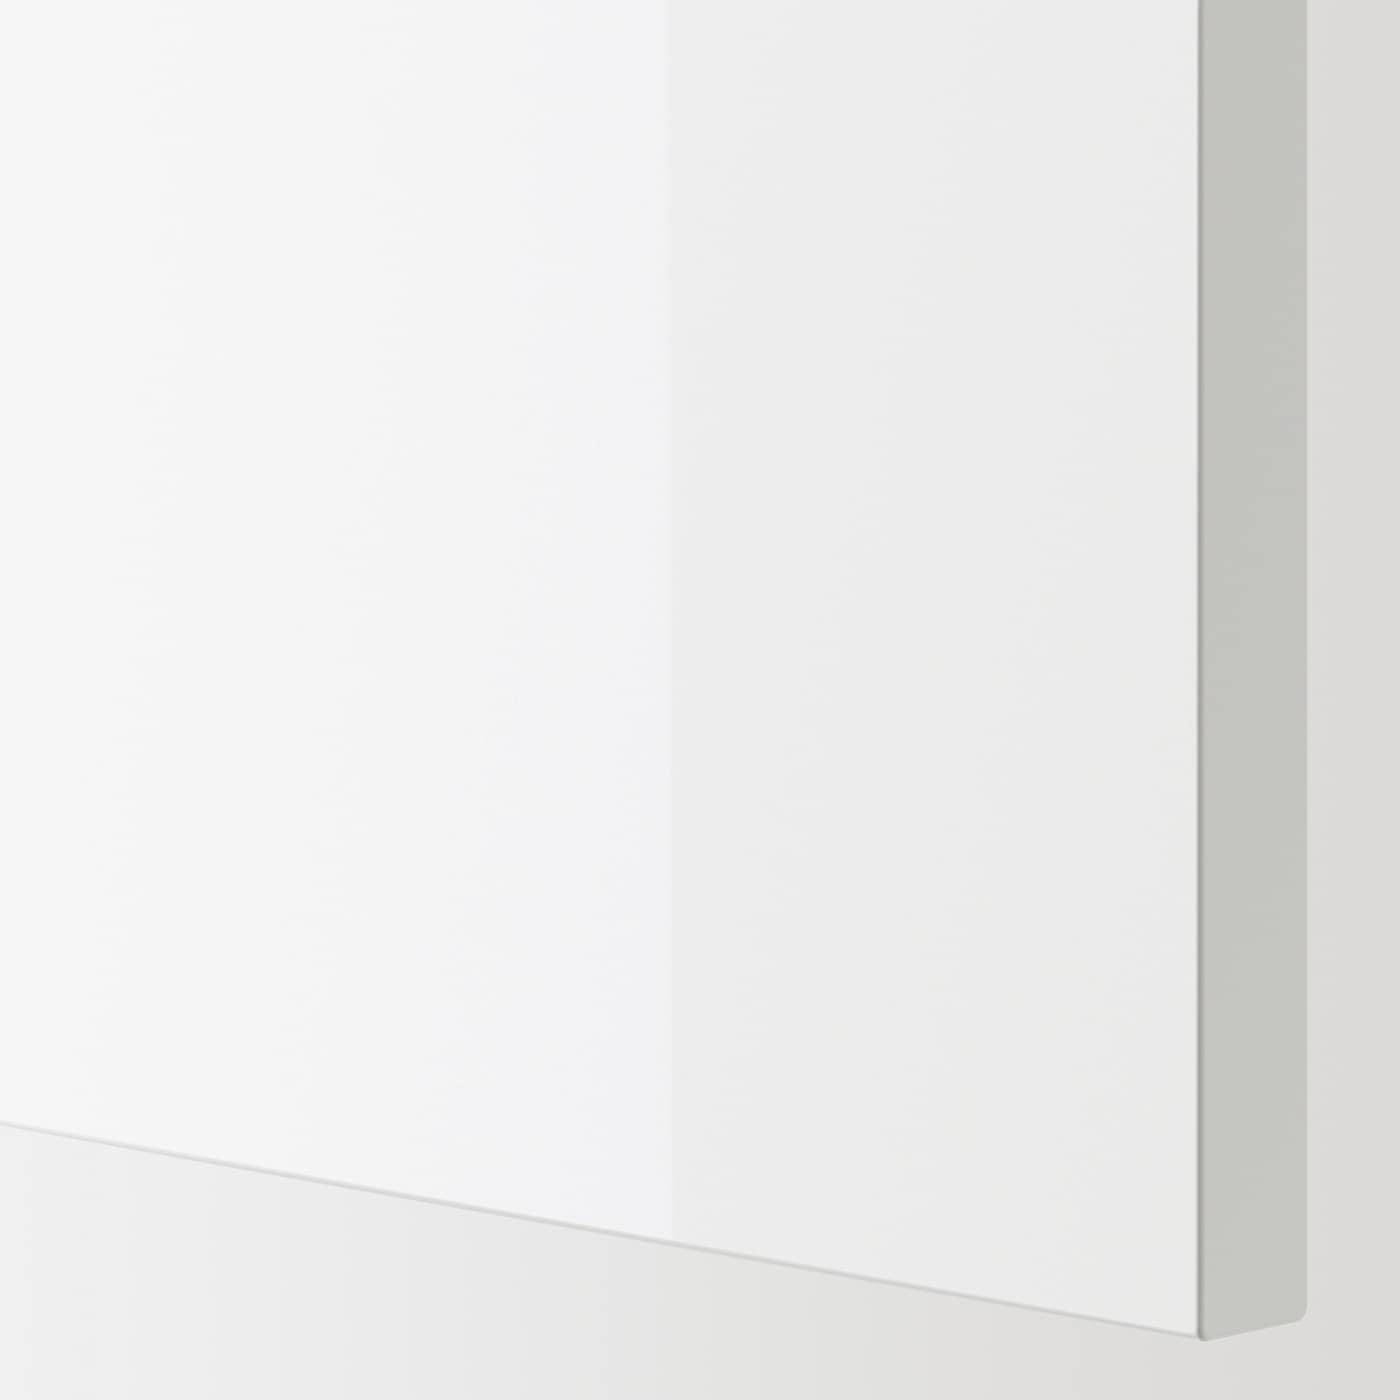 ENHET Bc w shlf/doors, white/high-gloss white, 80x60x75 cm